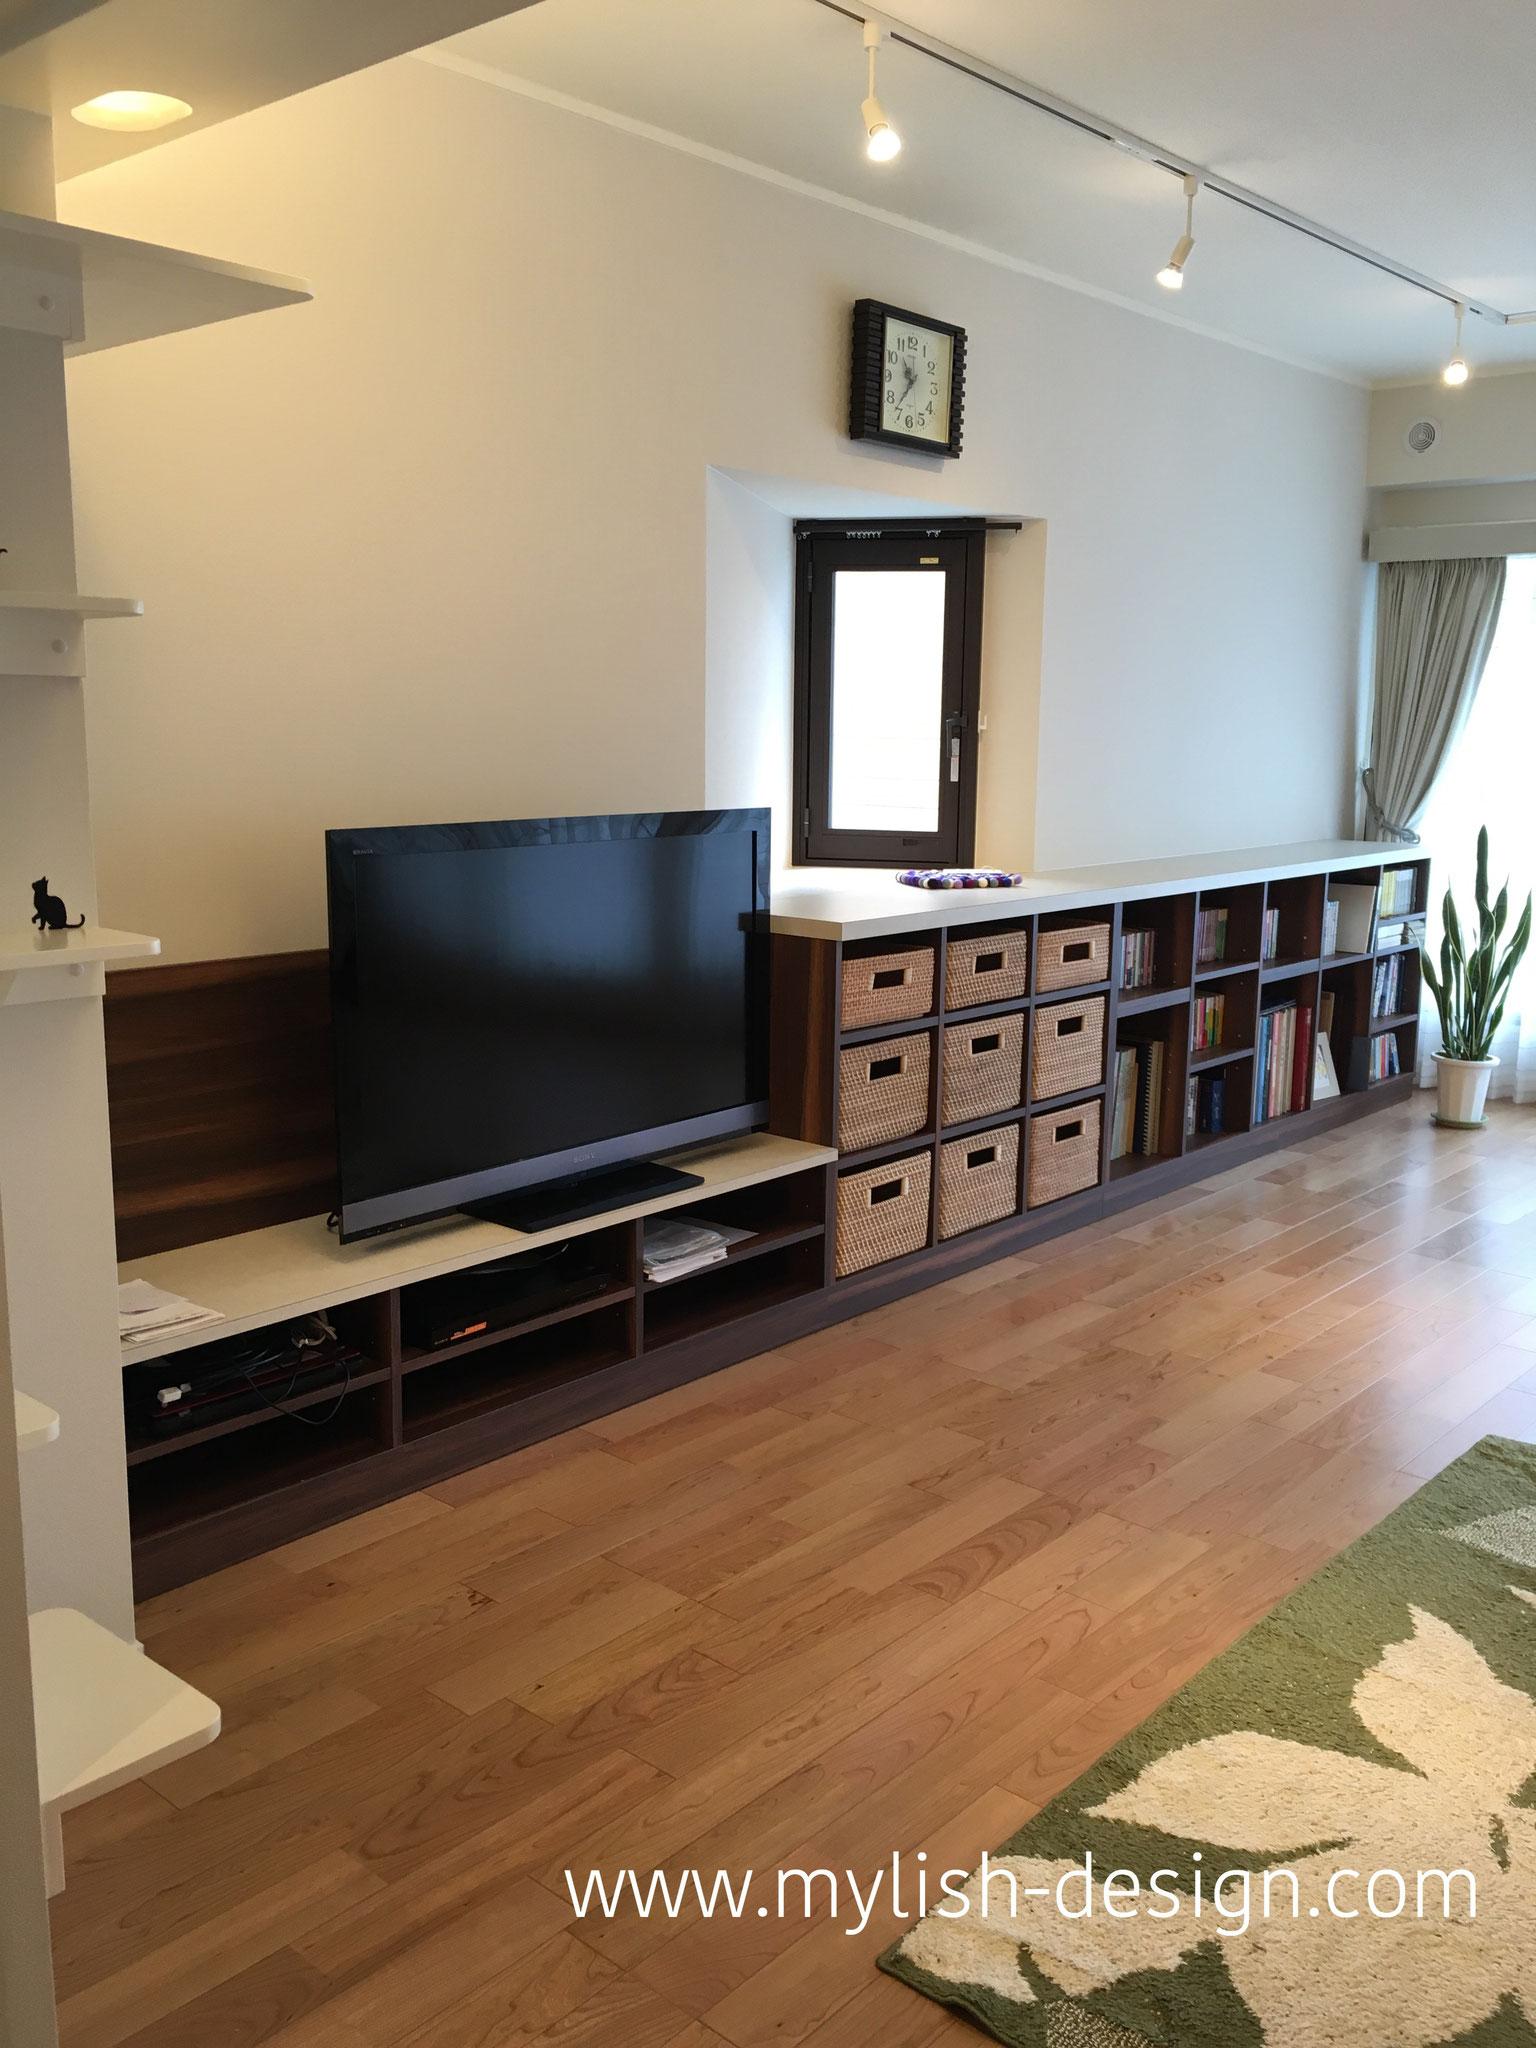 テレビ台、小物入れ、本棚を造作家具で製作。出窓と一体にしたので、とてもスッキリと使いやすい形になりました。